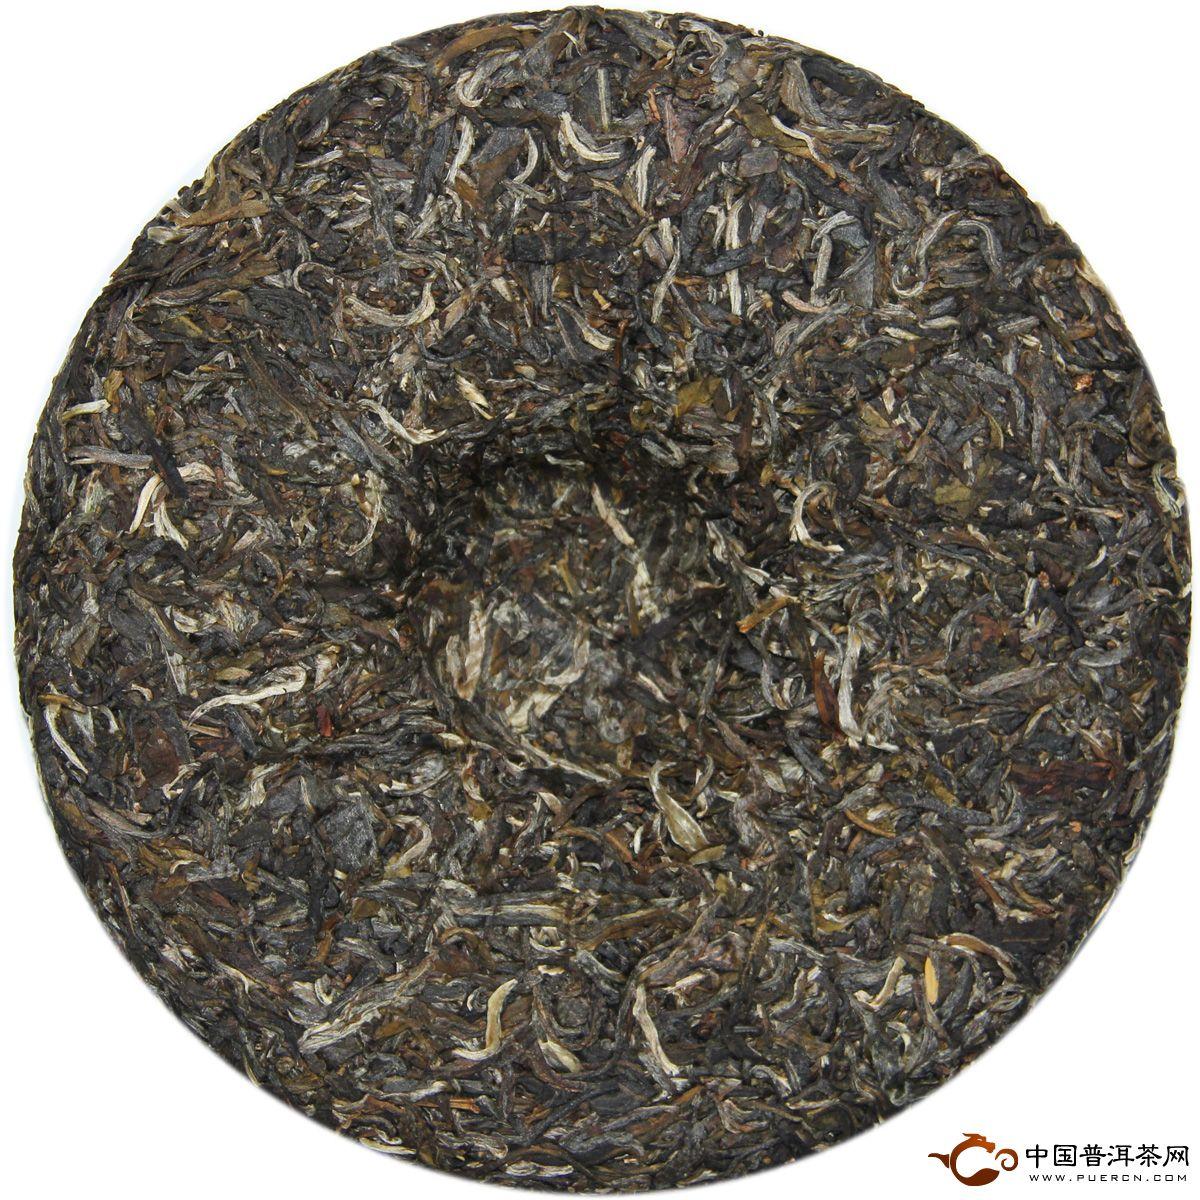 2012年陈升号金班章(生茶) 400克